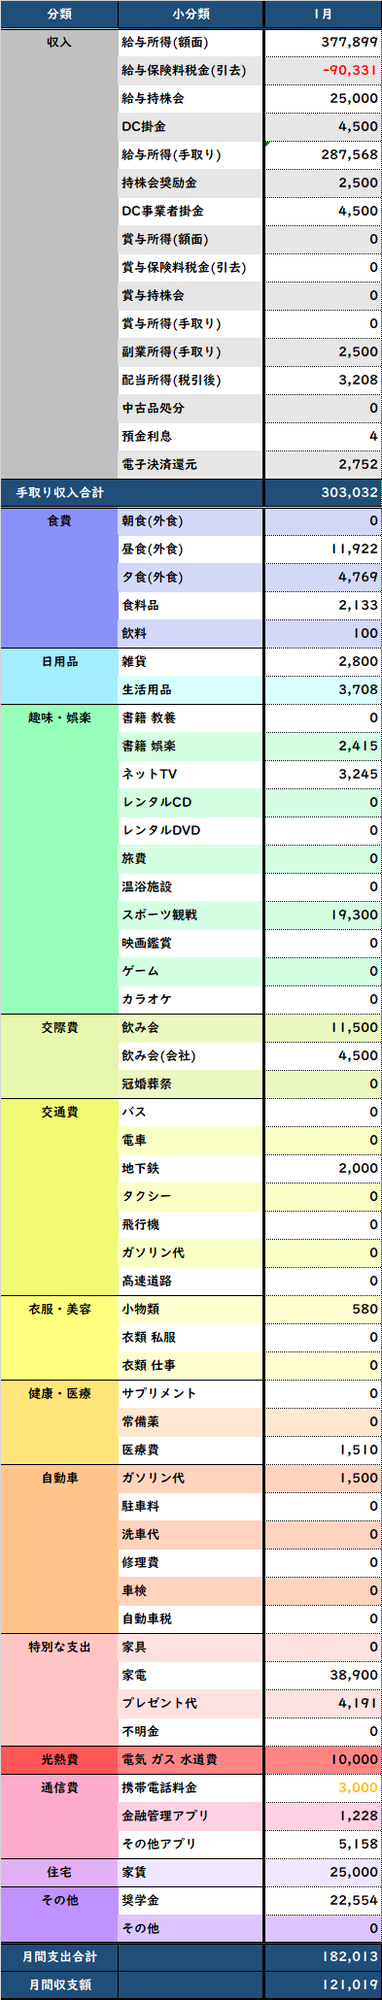 f:id:Hakurei:20200211155742p:plain